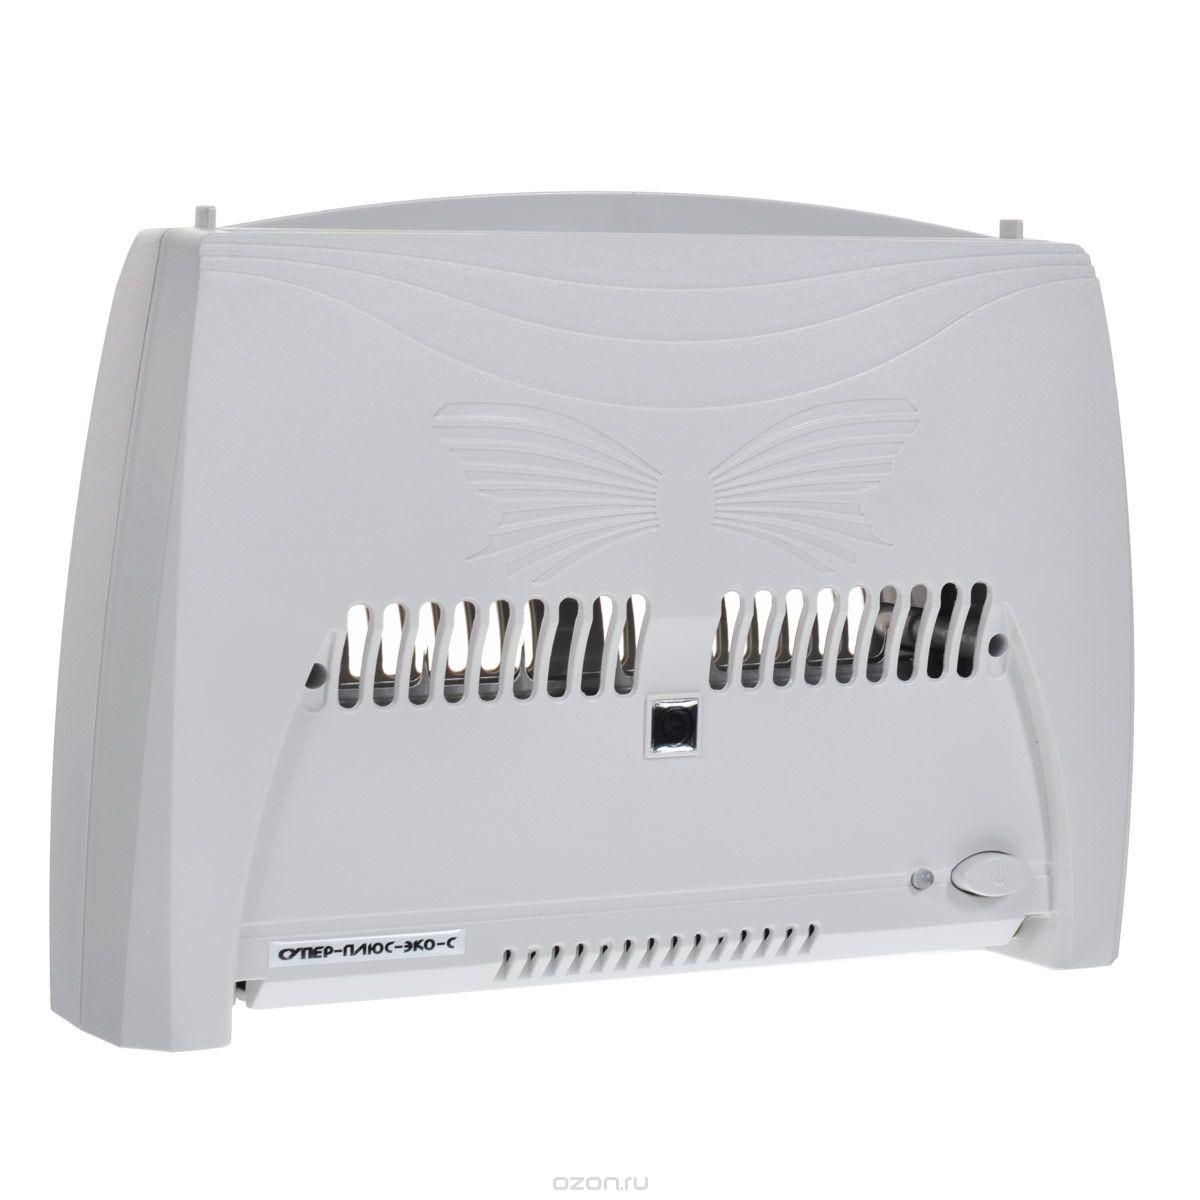 Ионизатор - очиститель воздуха Супер Плюс Эко С